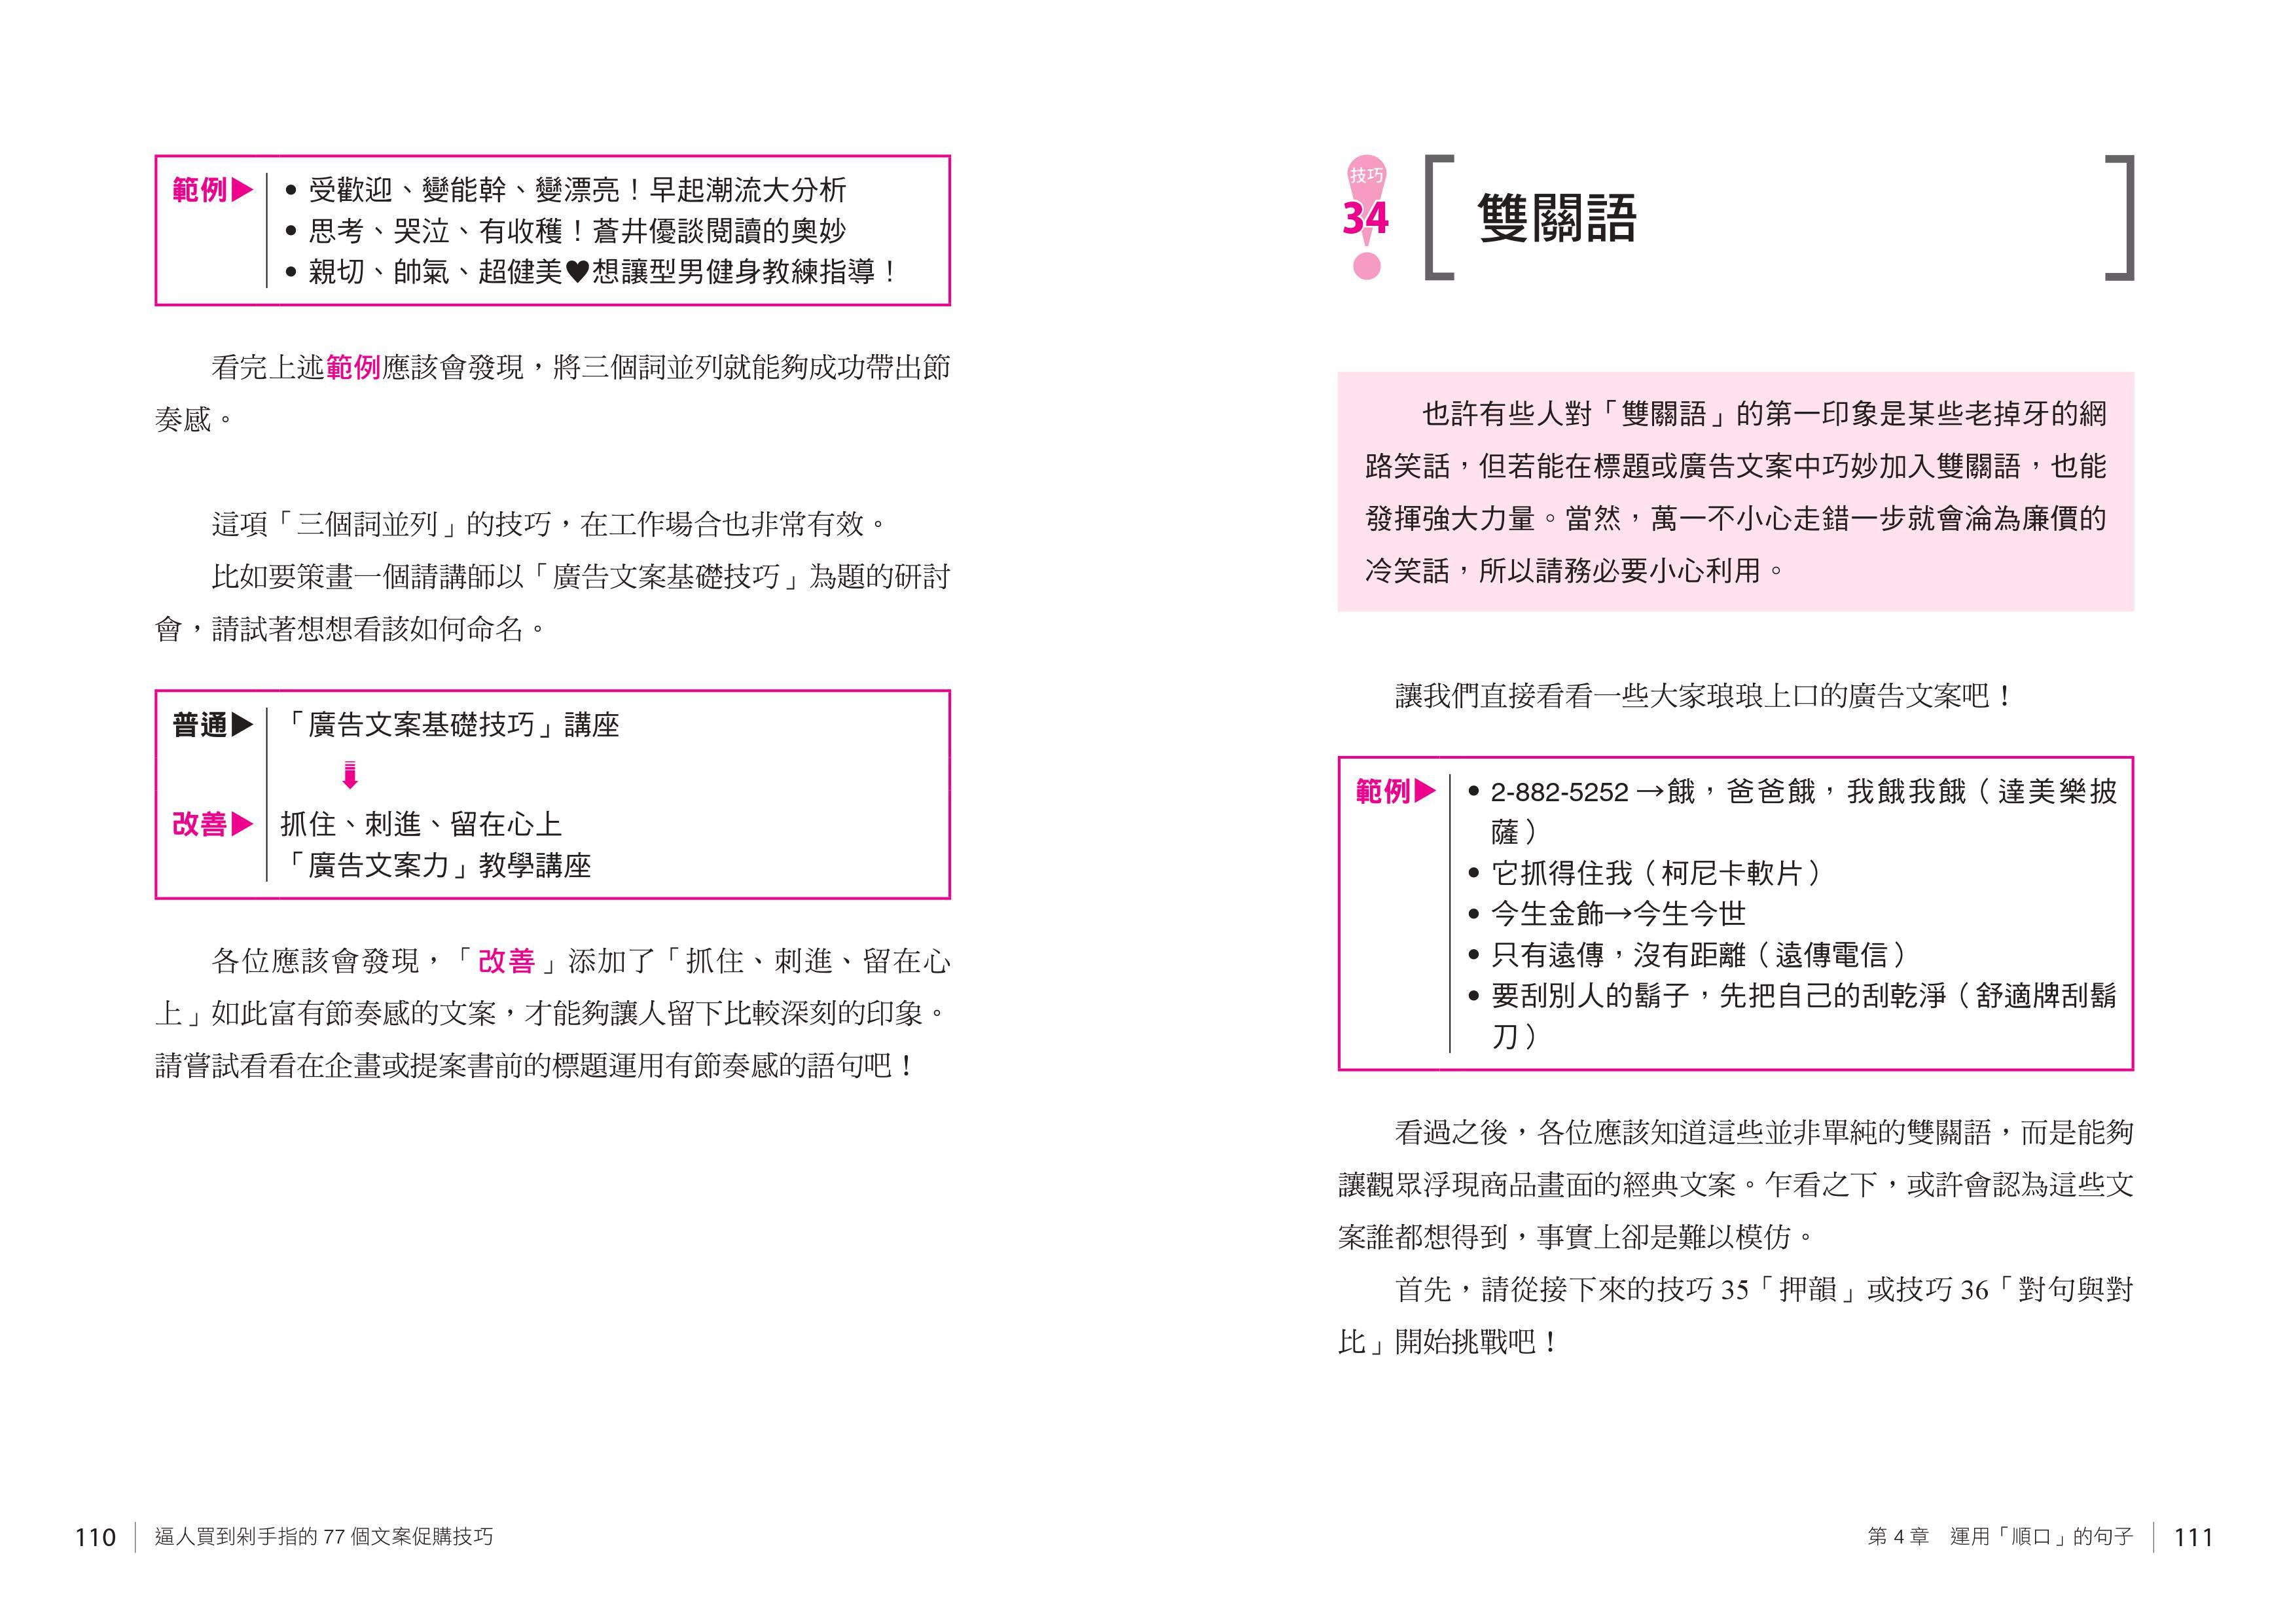 http://im1.book.com.tw/image/getImage?i=http://www.books.com.tw/img/001/074/42/0010744282_b_06.jpg&v=58a2dc90&w=655&h=609